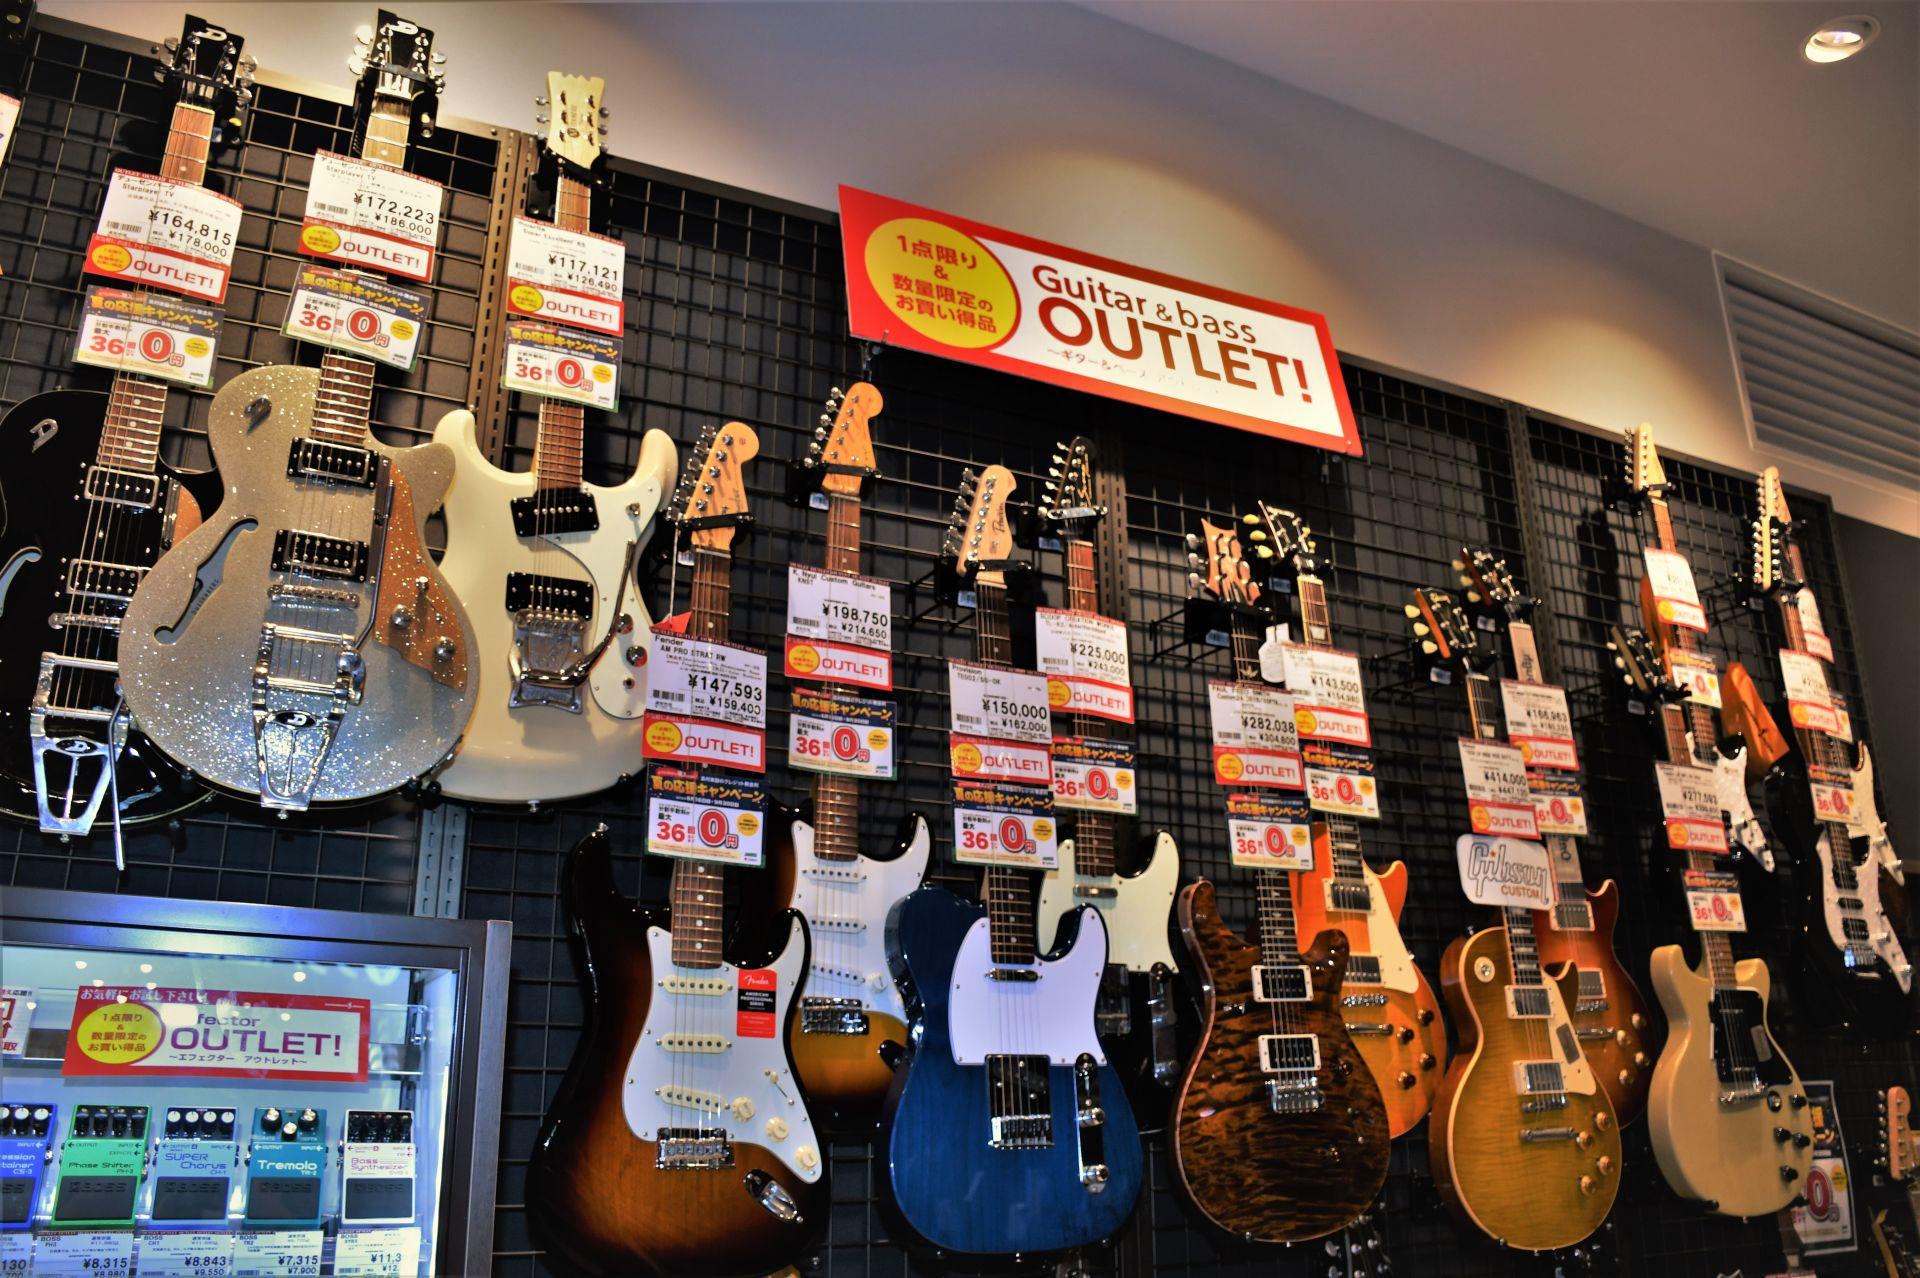 アウトレット広島店 広島 ギター ベース アウトレット 安い 楽器 島村楽器 ギターショップ 楽器屋